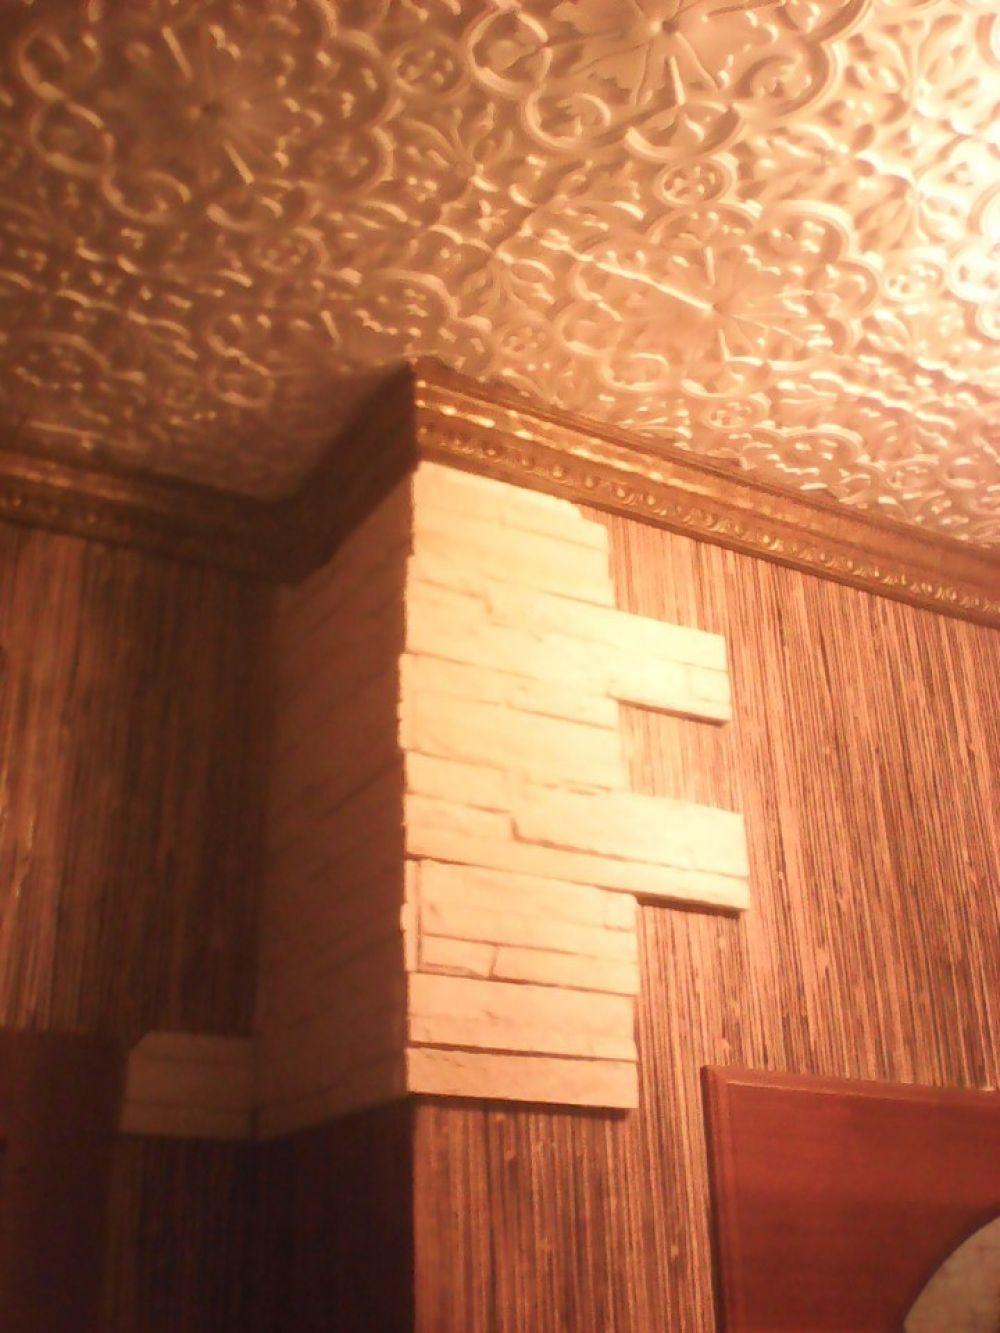 Однокомнатная квартира  37 м2, Богородский мкр дом 7 г. Щелково, фото 6